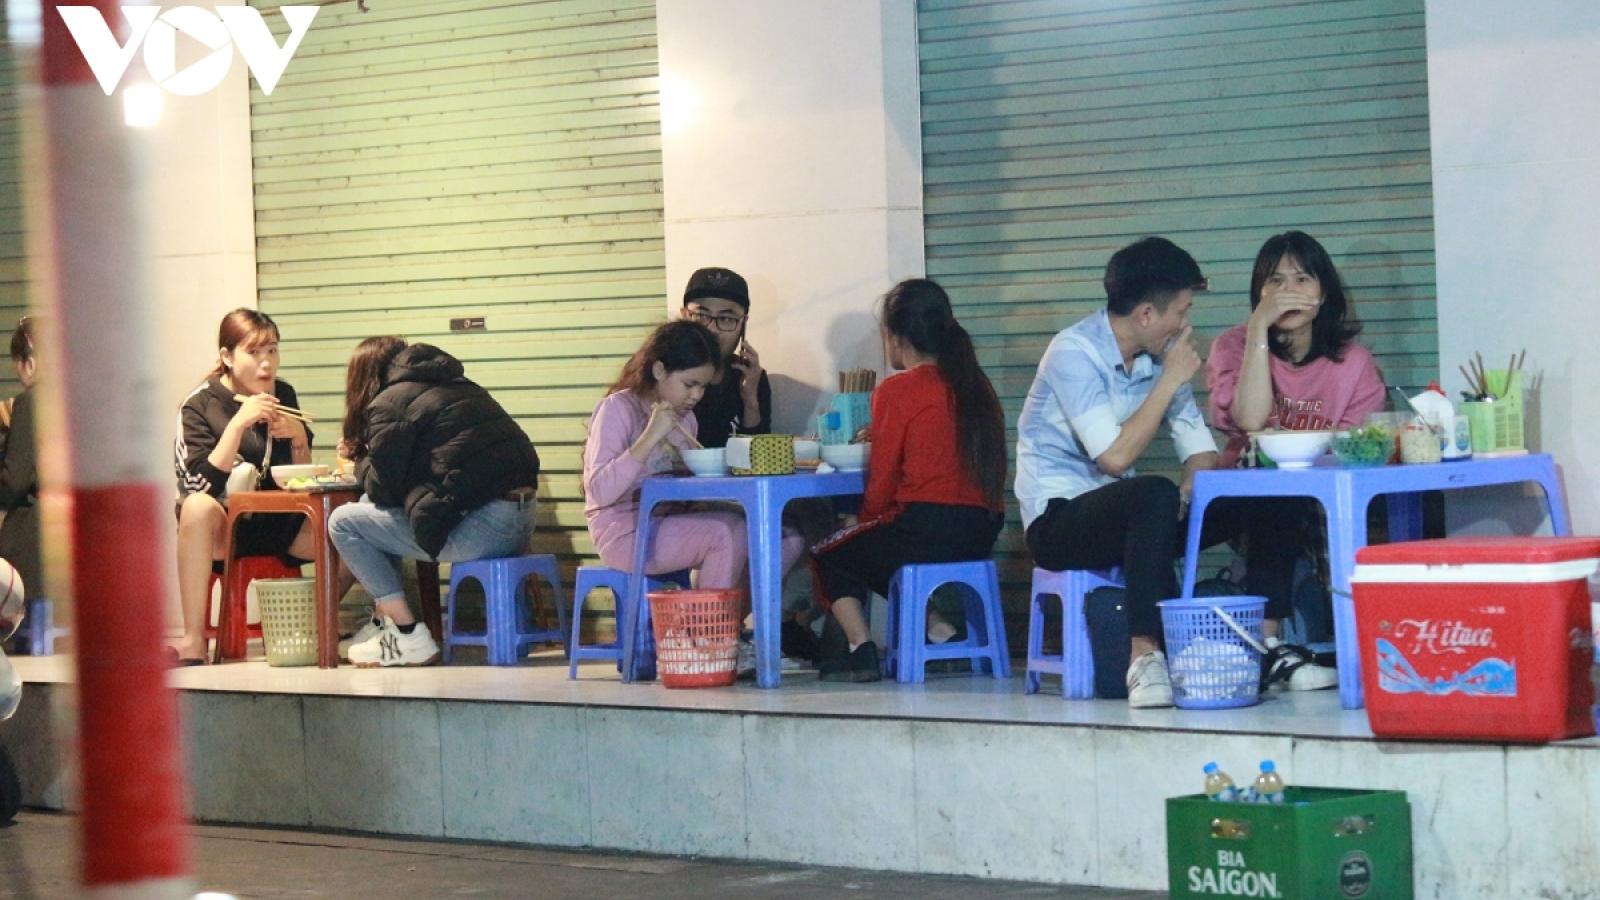 Quán trà đá, quán ăn vỉa hè ở Hà Nội ngang nhiên hoạt động: Chính quyền cơ sở có hay?